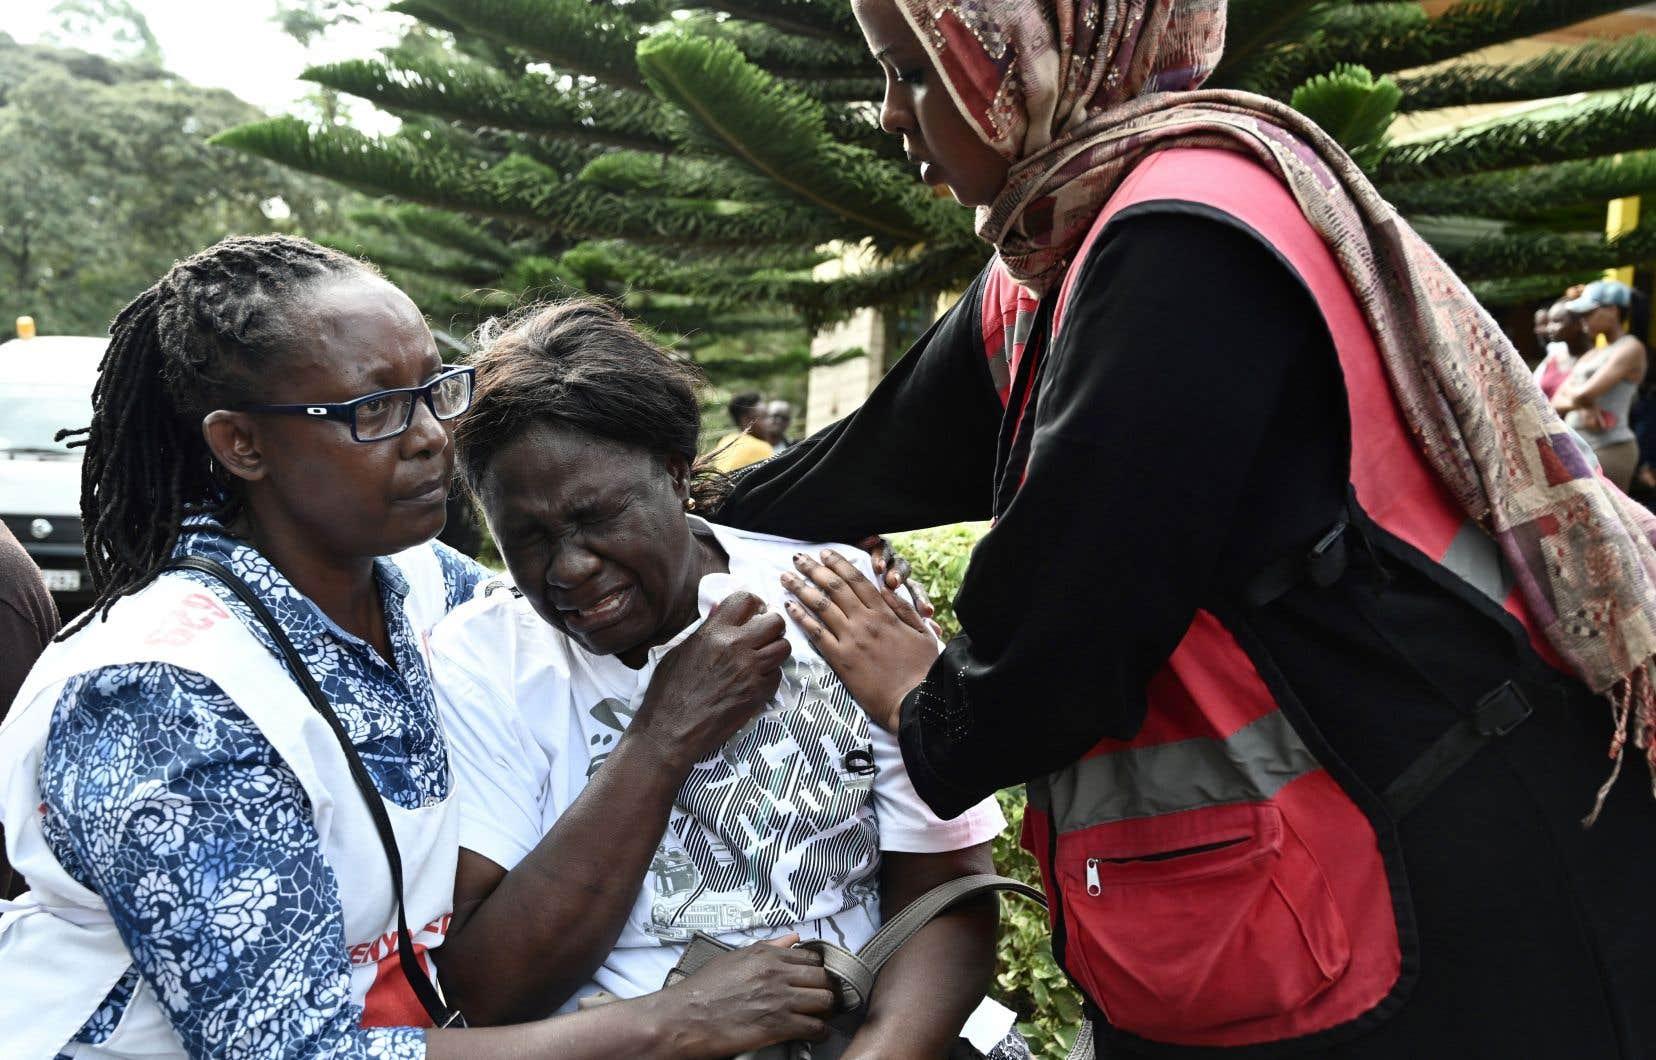 Une femme pleurait devant la morgue Chiromo après avoir appris la mort d'un proche à la suite de l'attaque à Nairobi.